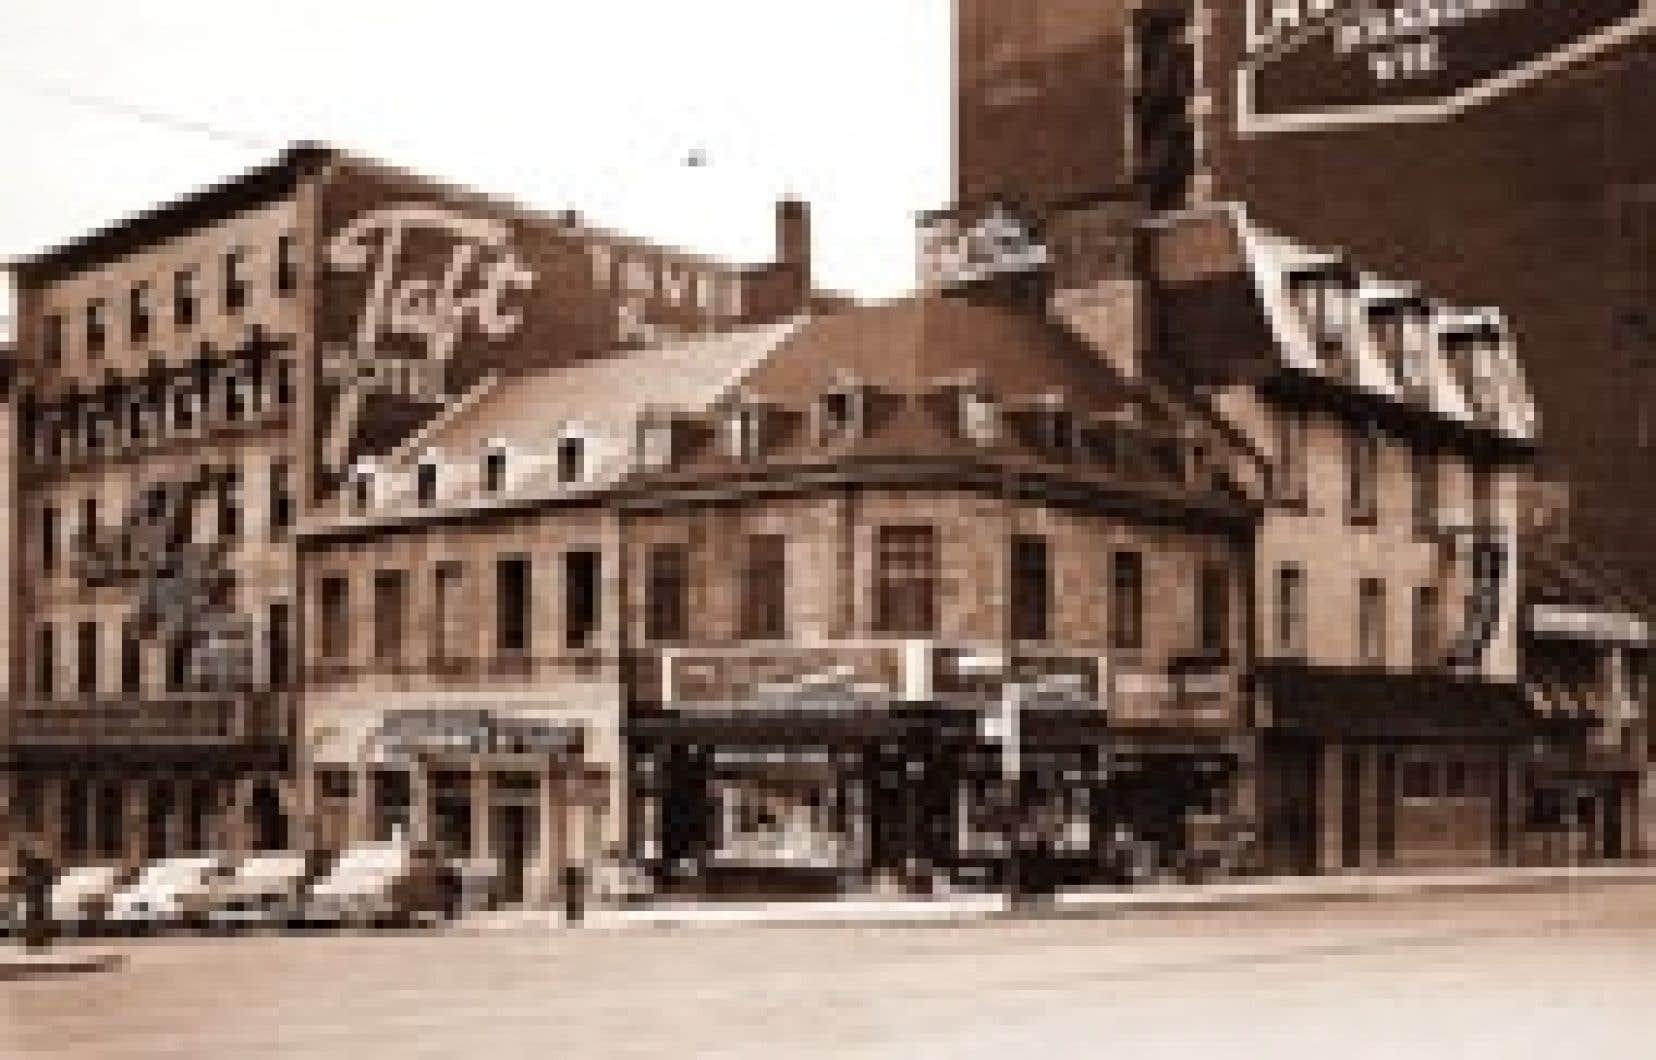 « Place Jacques-Cartier, angle sud-ouest. J'adore cette photo ancienne où les vieux édifices font simplement partie d'un paysage urbain ordinaire au lieu de revêtir leurs plus beaux atours pour les touristes comme aujourd'hui. Remarquez que l